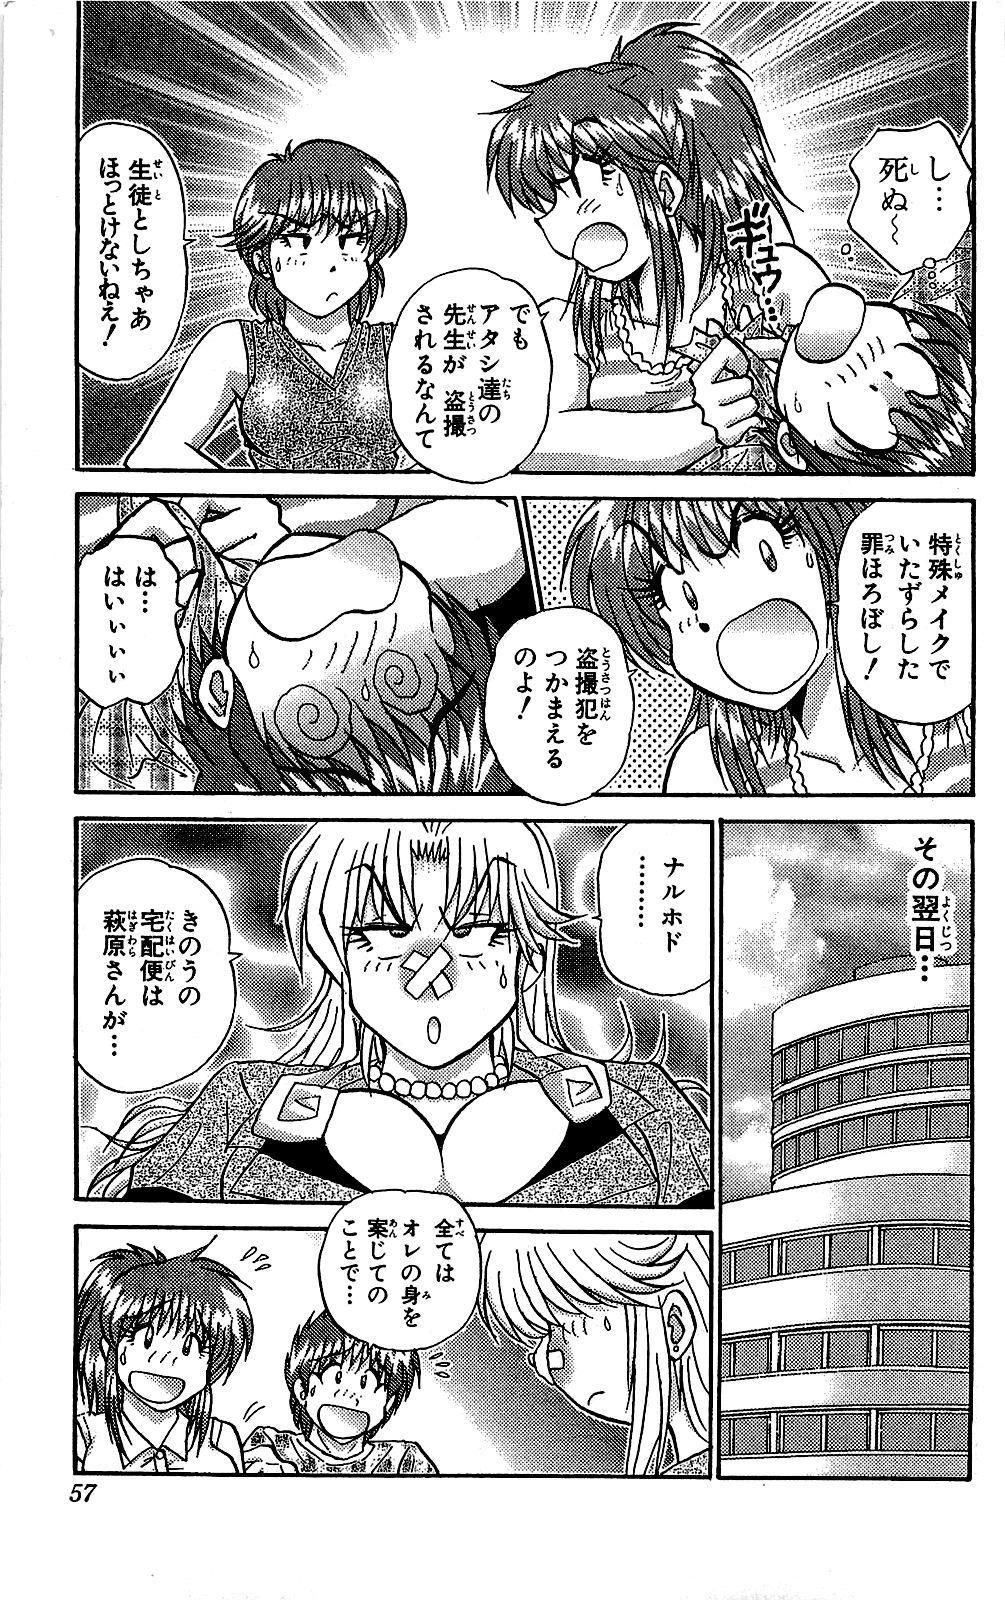 Miracle Make Yuuji 57